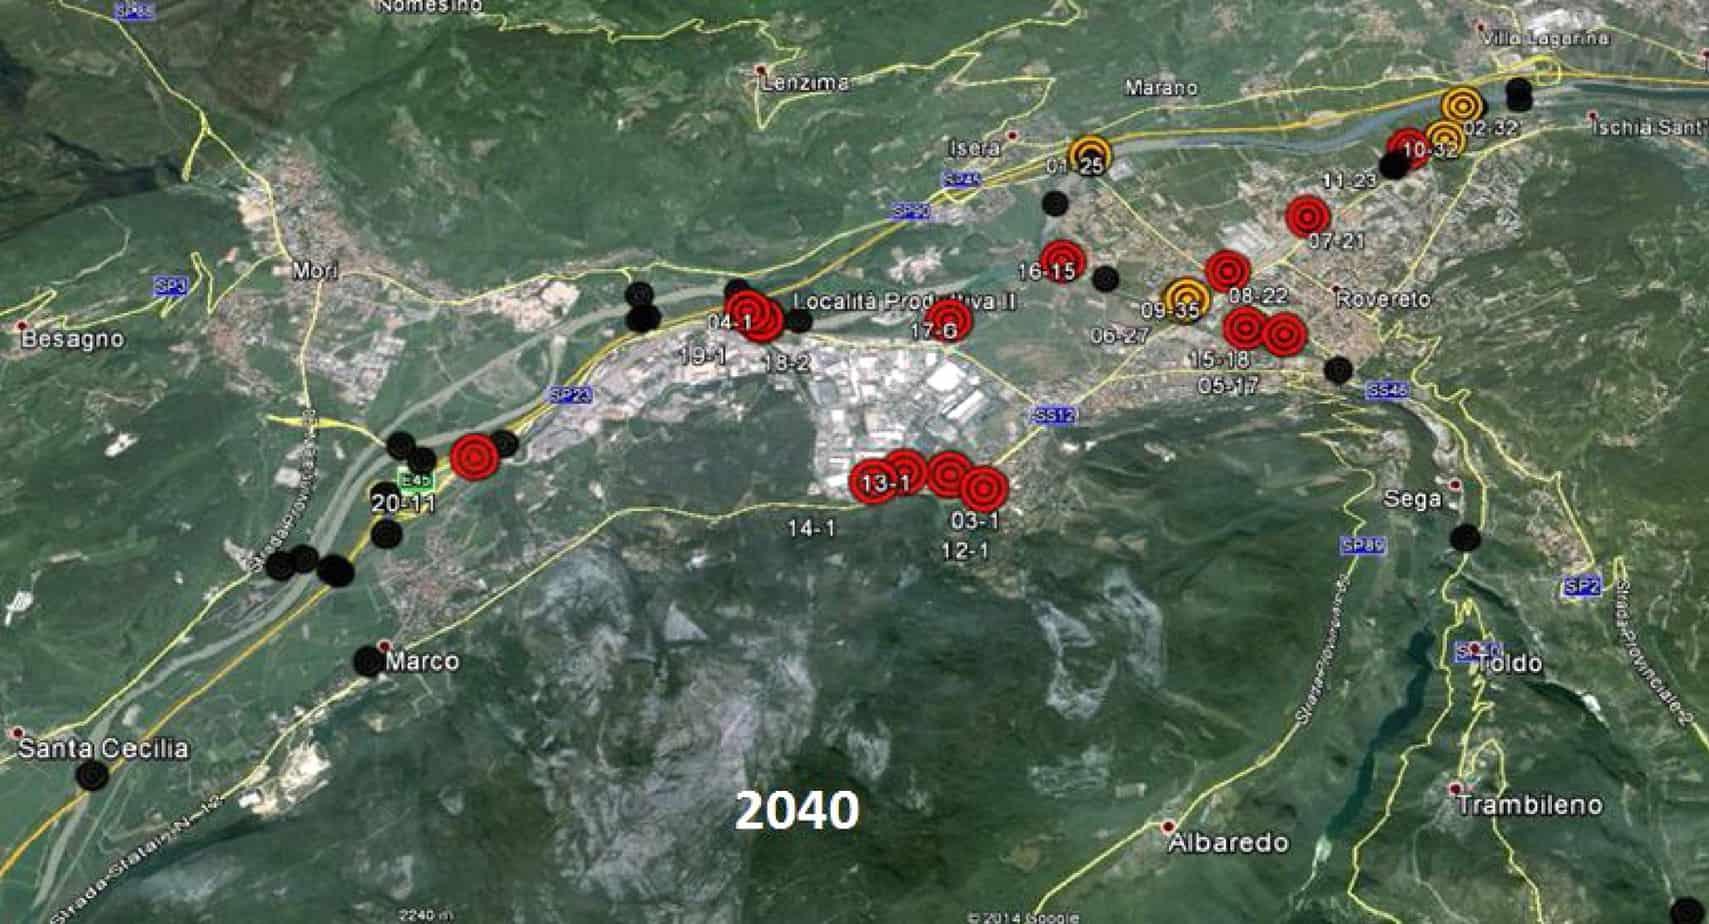 Lo scenario di deterioramento nell'anno 2040 per un gruppo di manufatti situati nel comune di Rovereto